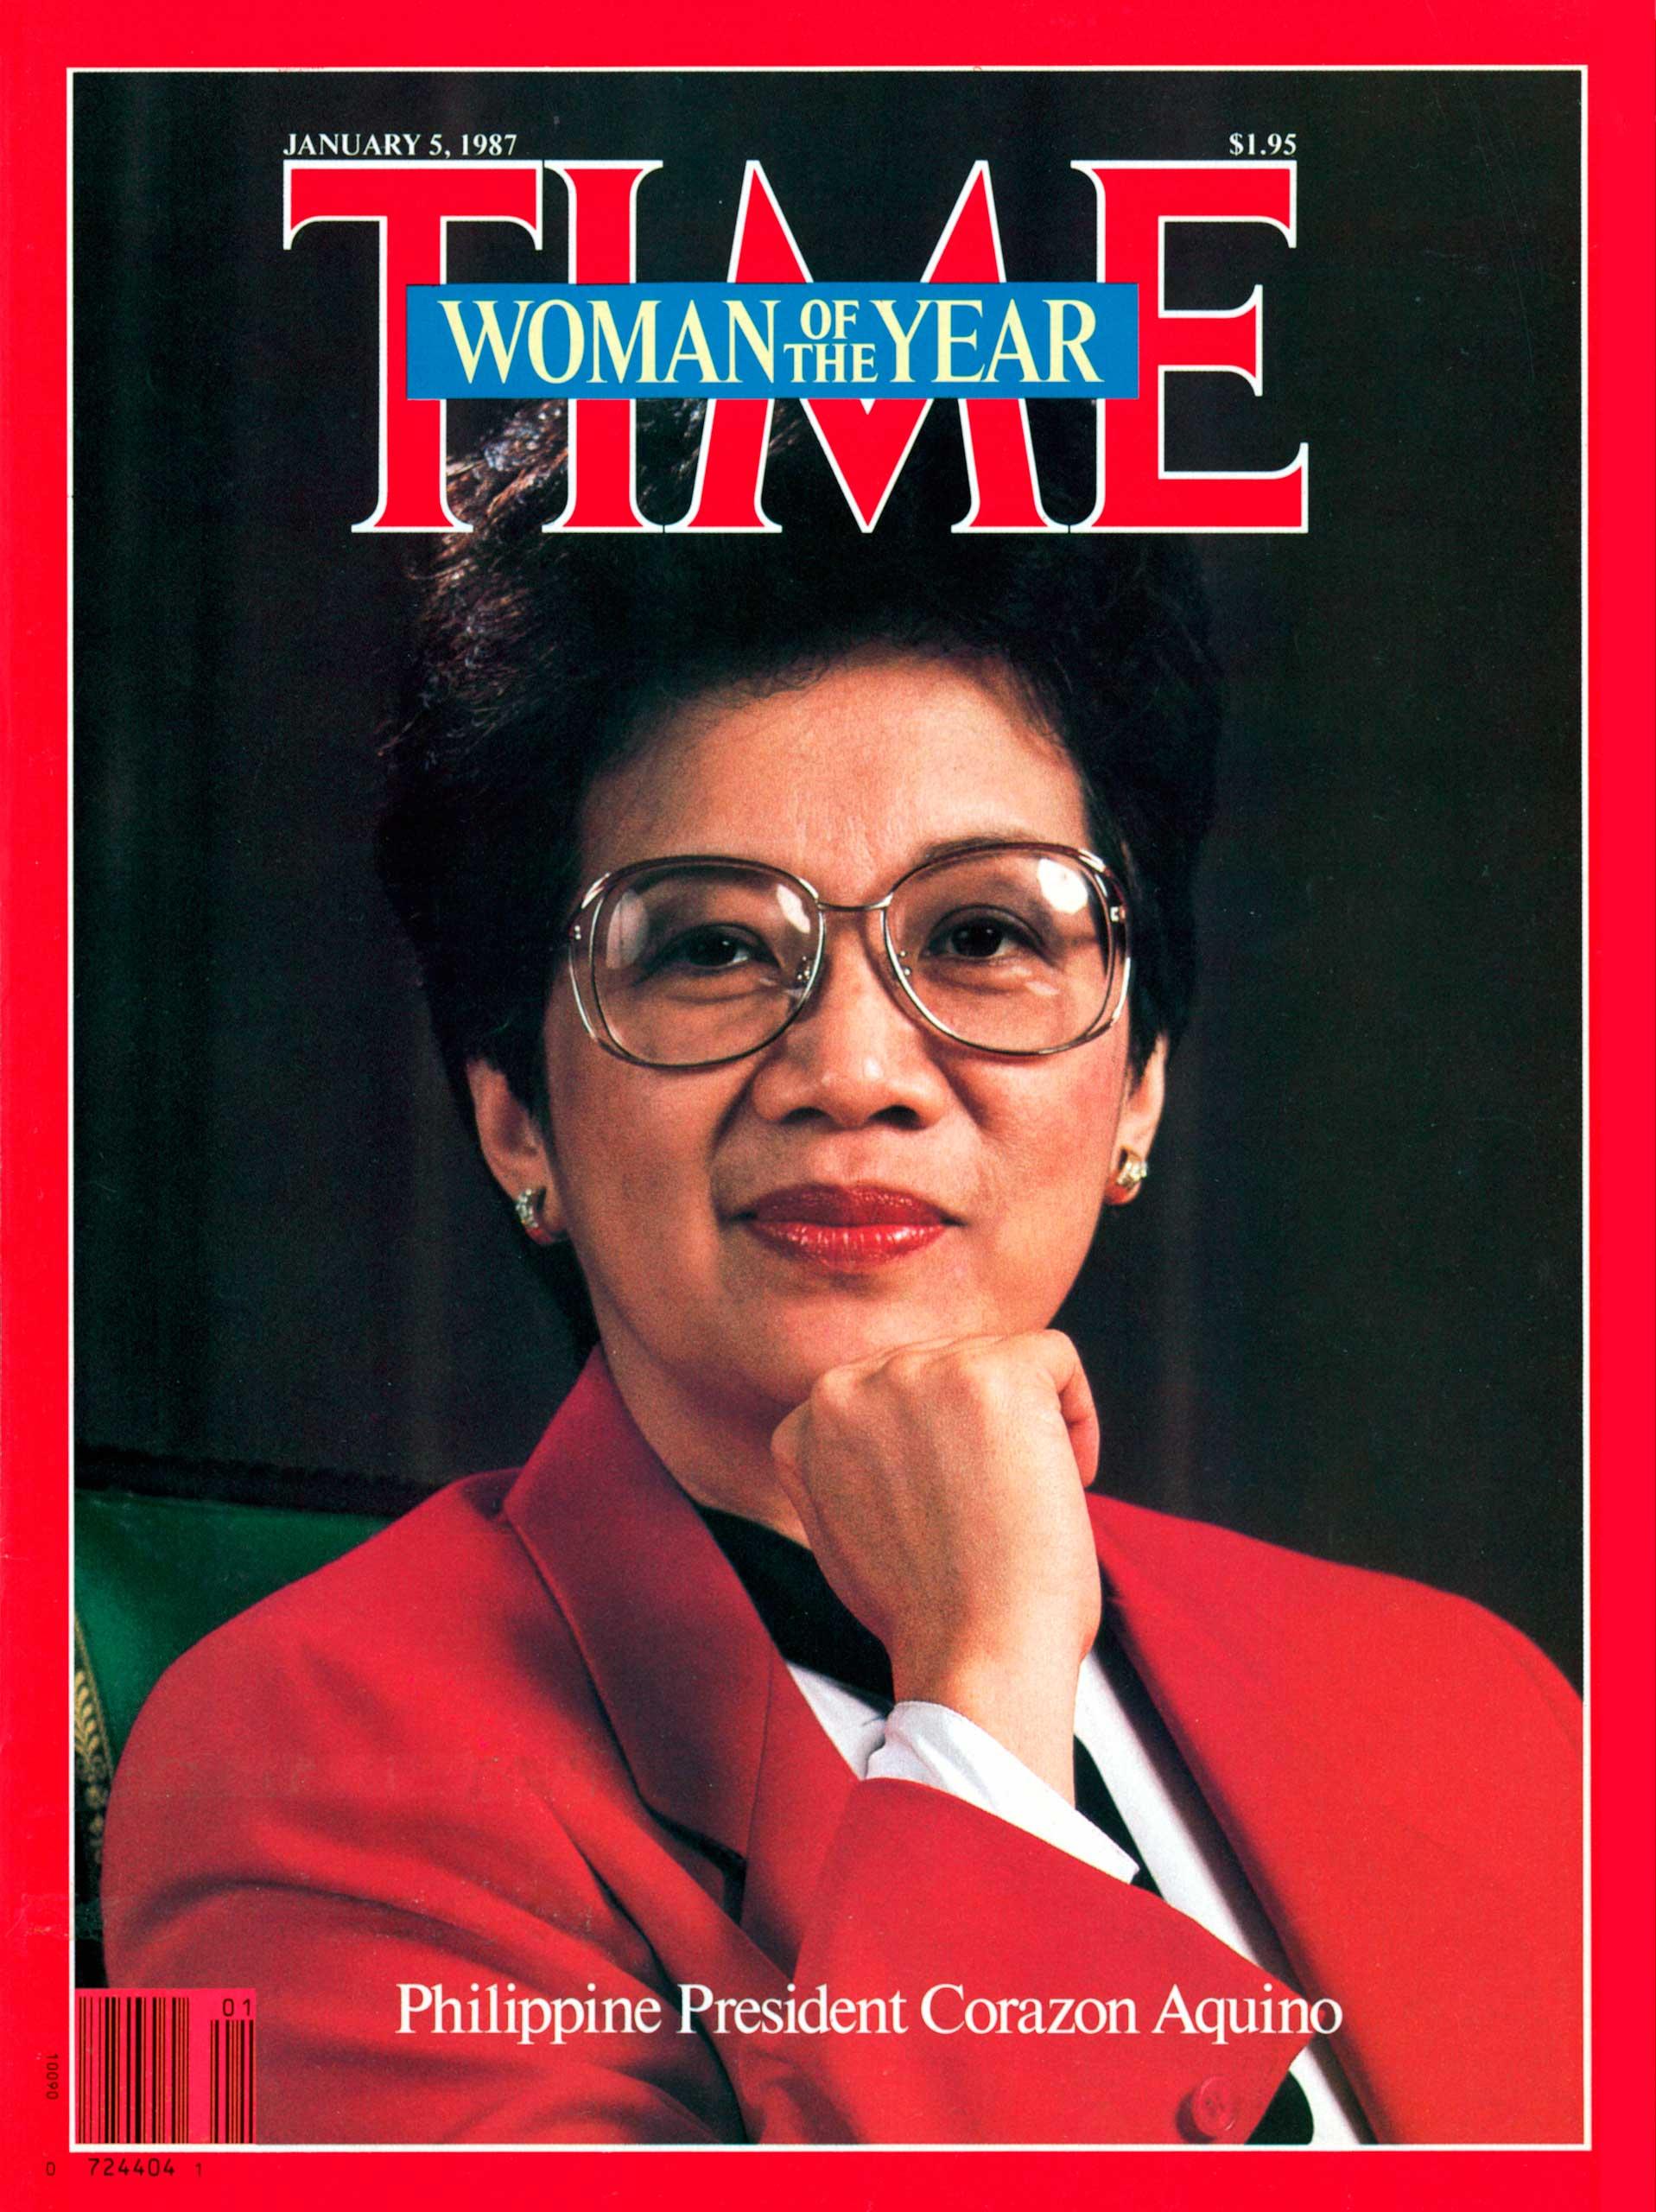 1986: Corazon Aquino